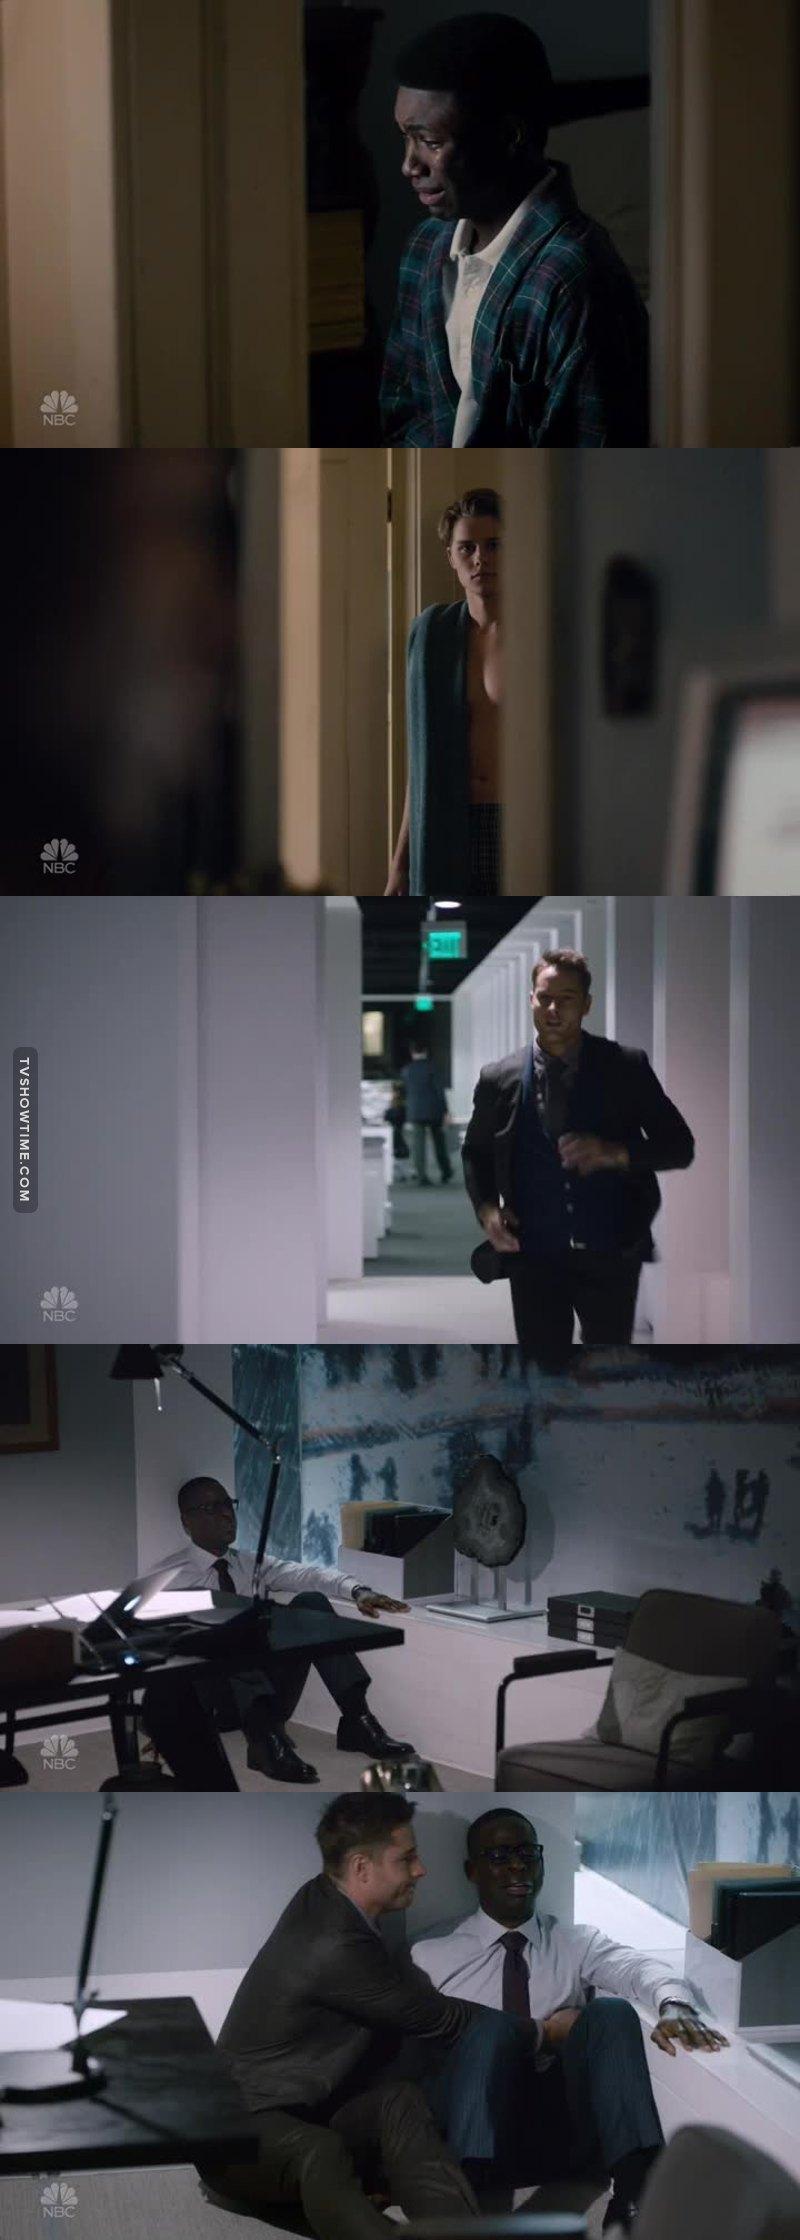 This scene 😭😭😭😭😭😭😭😭😭😭😭😭😭😭